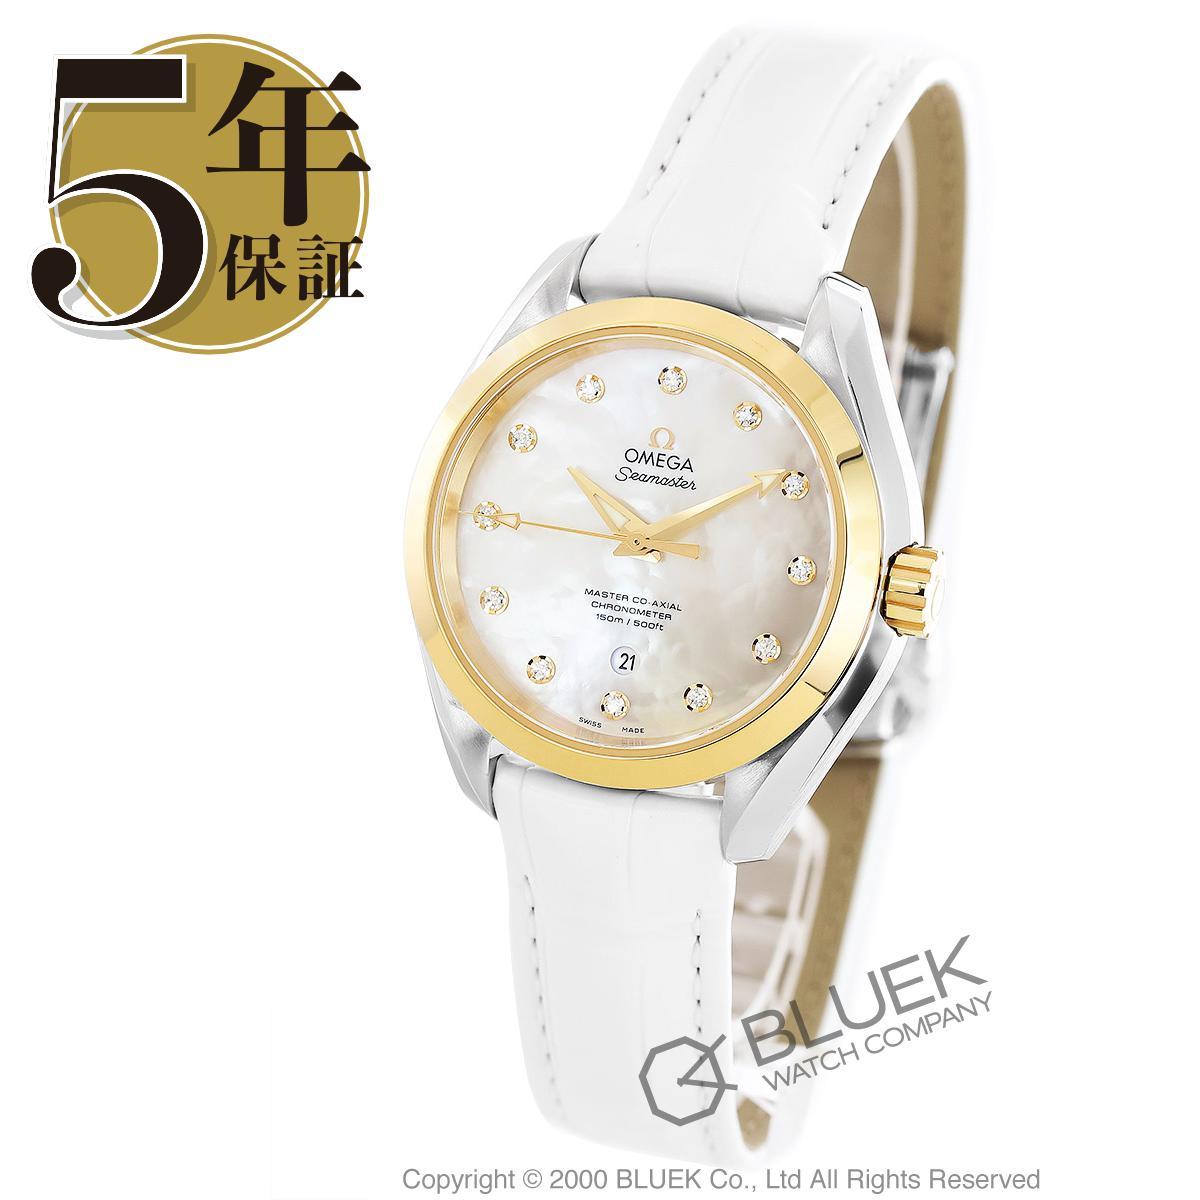 オメガ シーマスター アクアテラ ダイヤ アリゲーターレザー 腕時計 レディース OMEGA 231.23.34.20.55.002_5